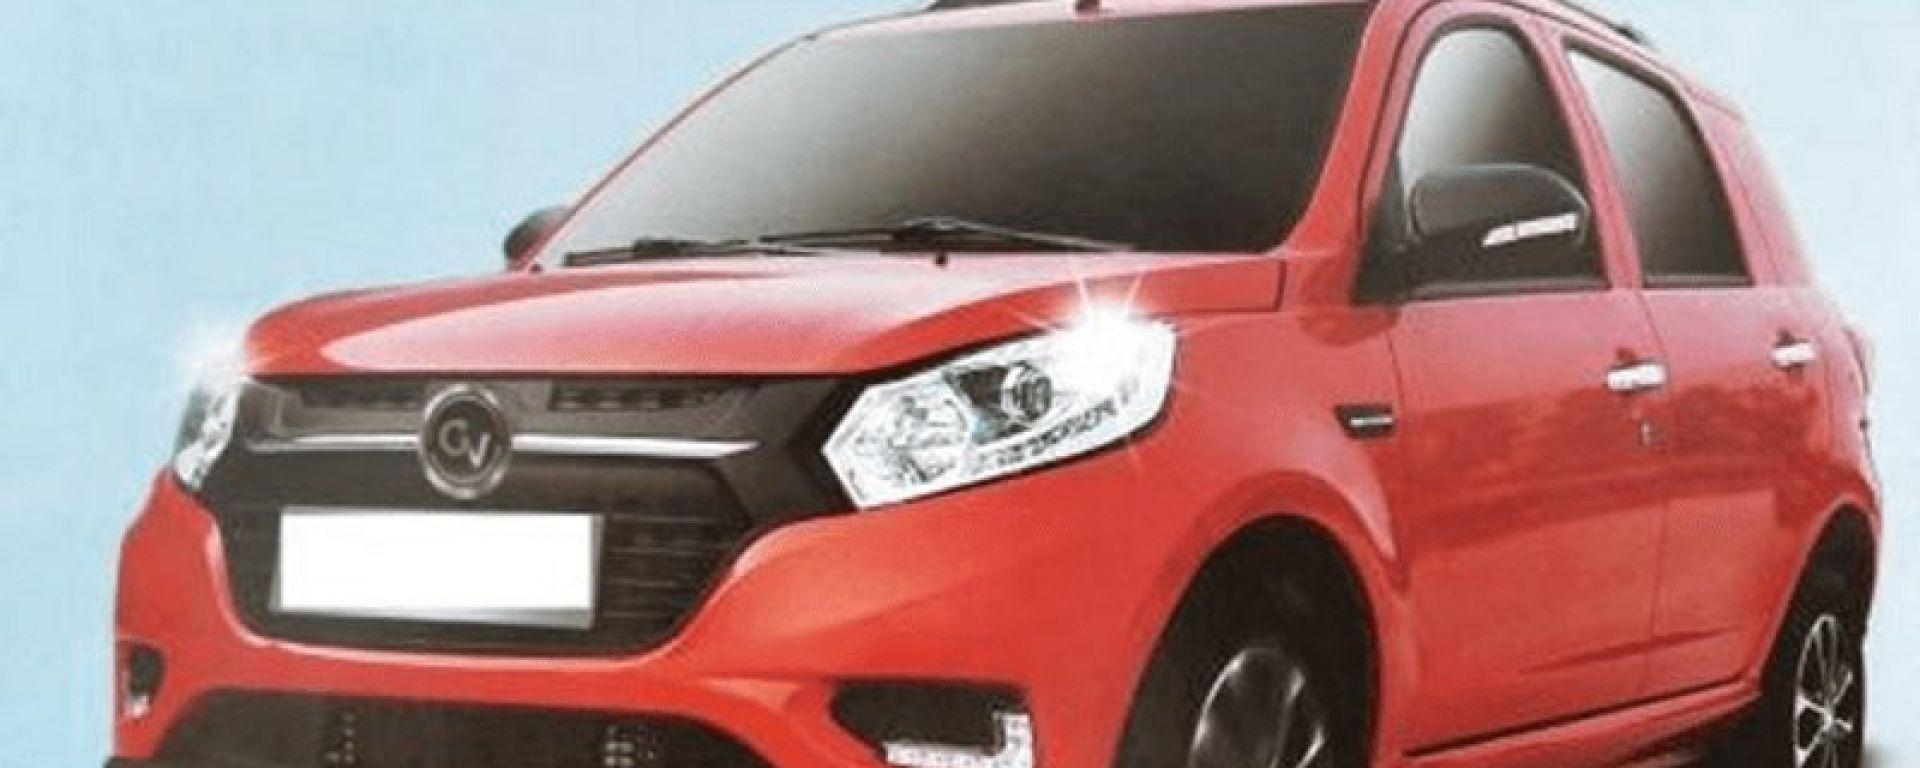 Elettra SUV, quadriciclo di Green Vehicles: compatto e con 200 km di autonomia